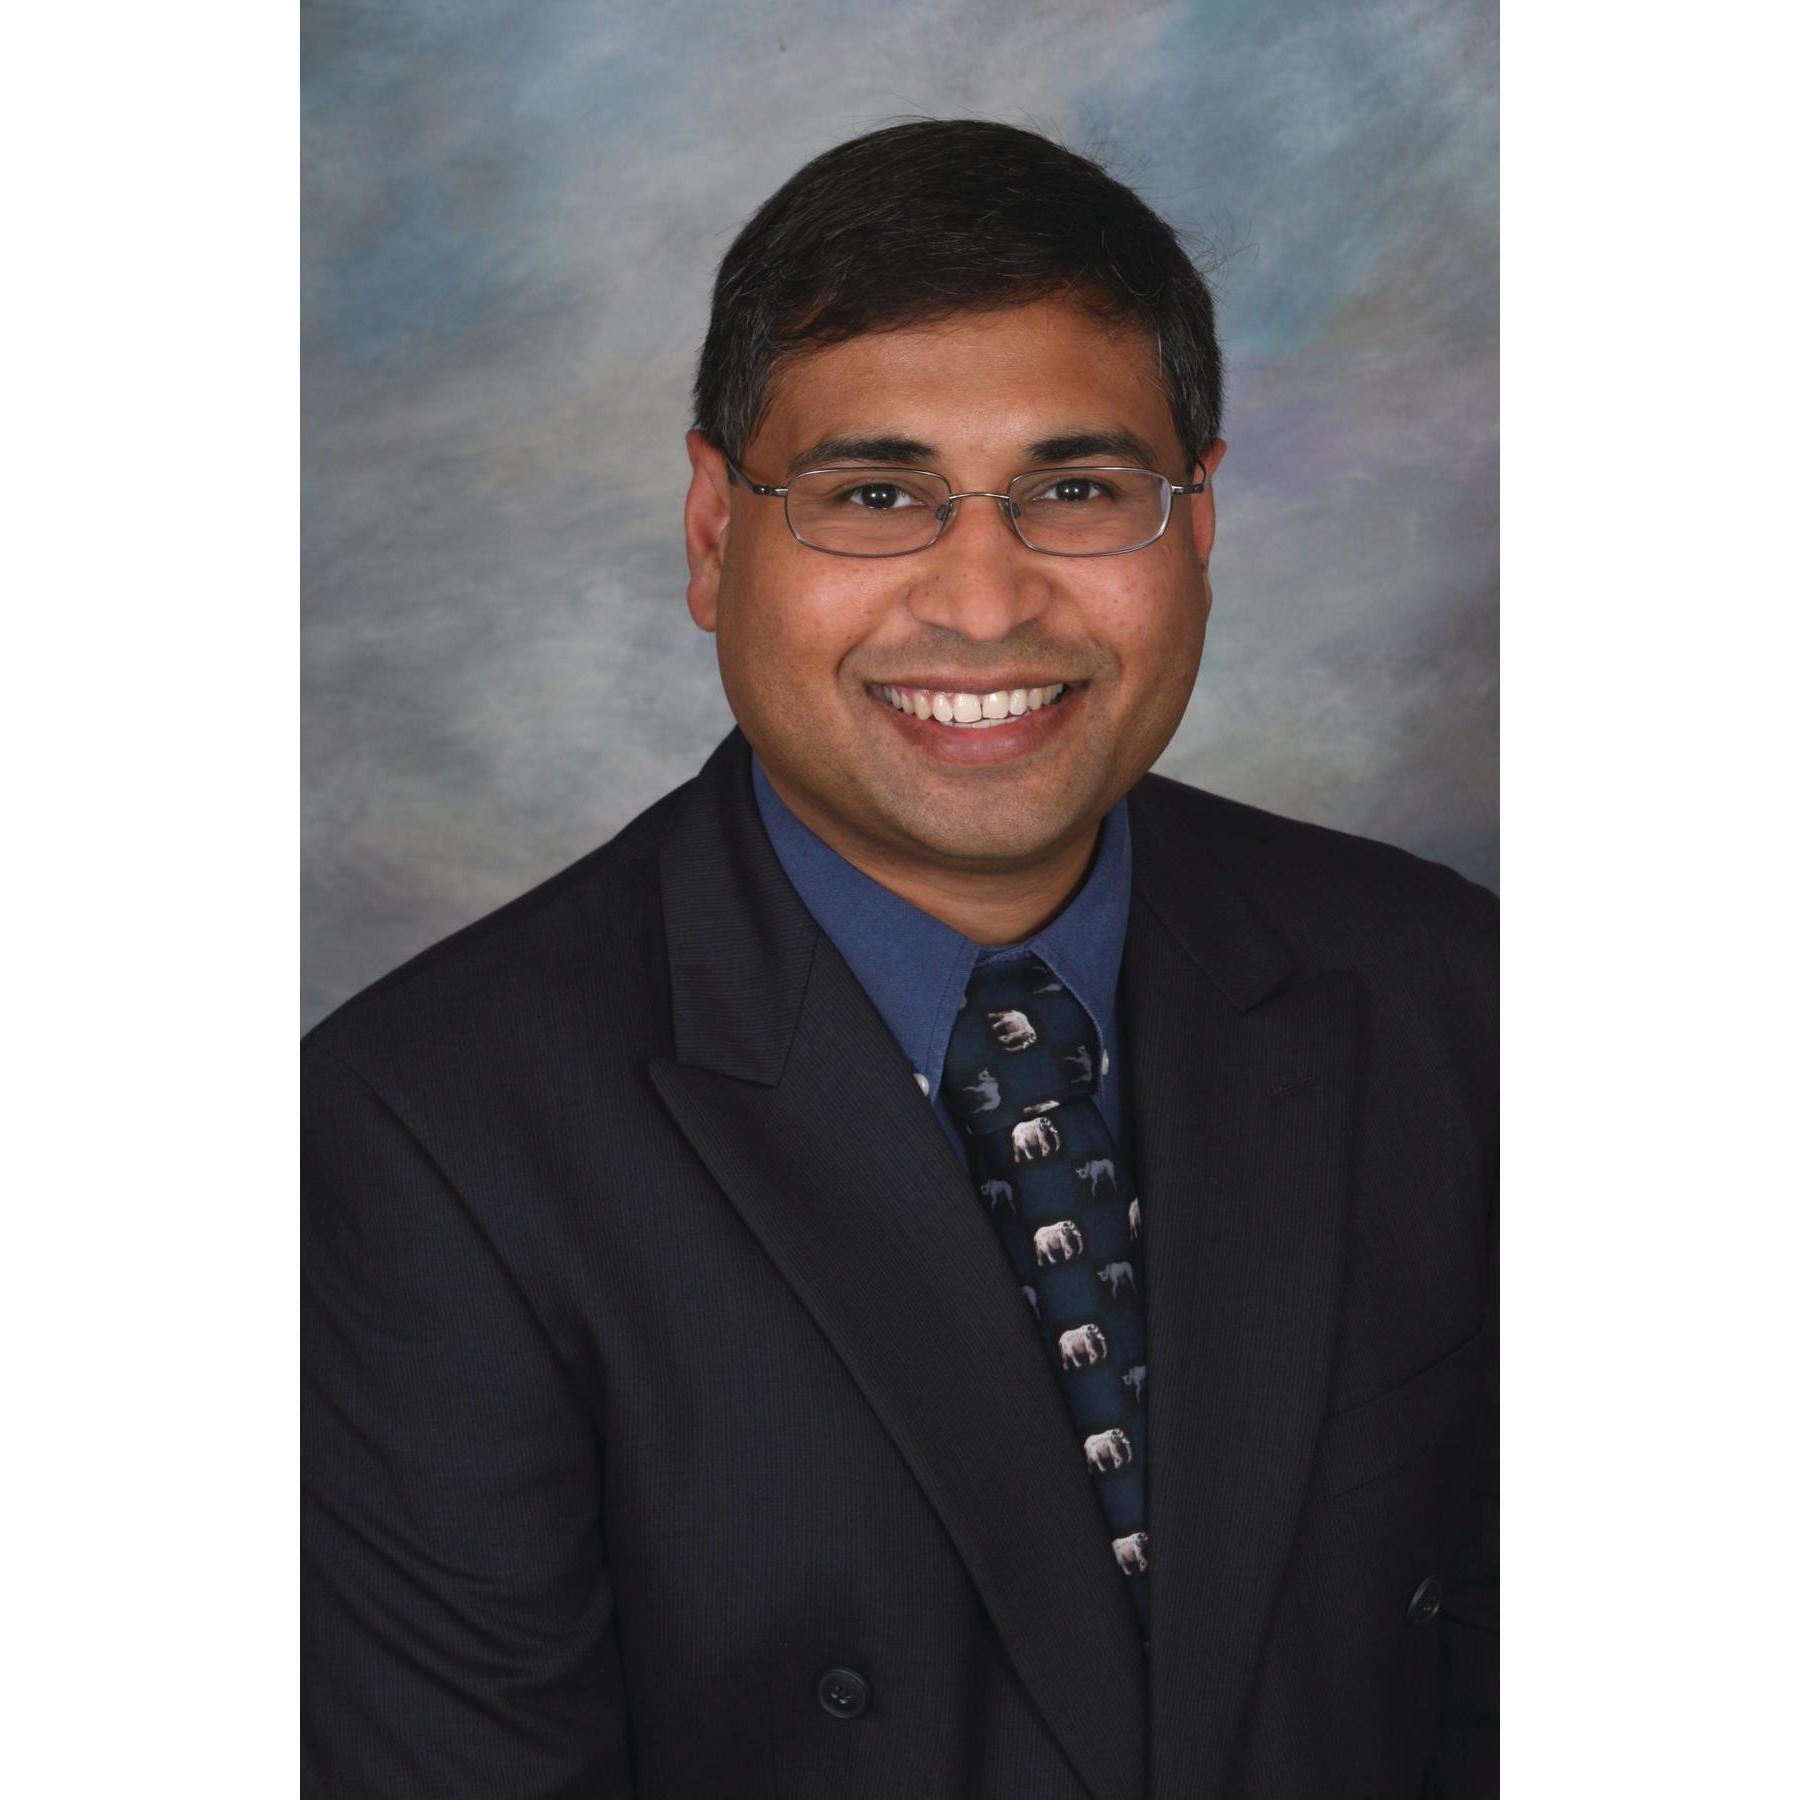 Biren G. Shah, MD